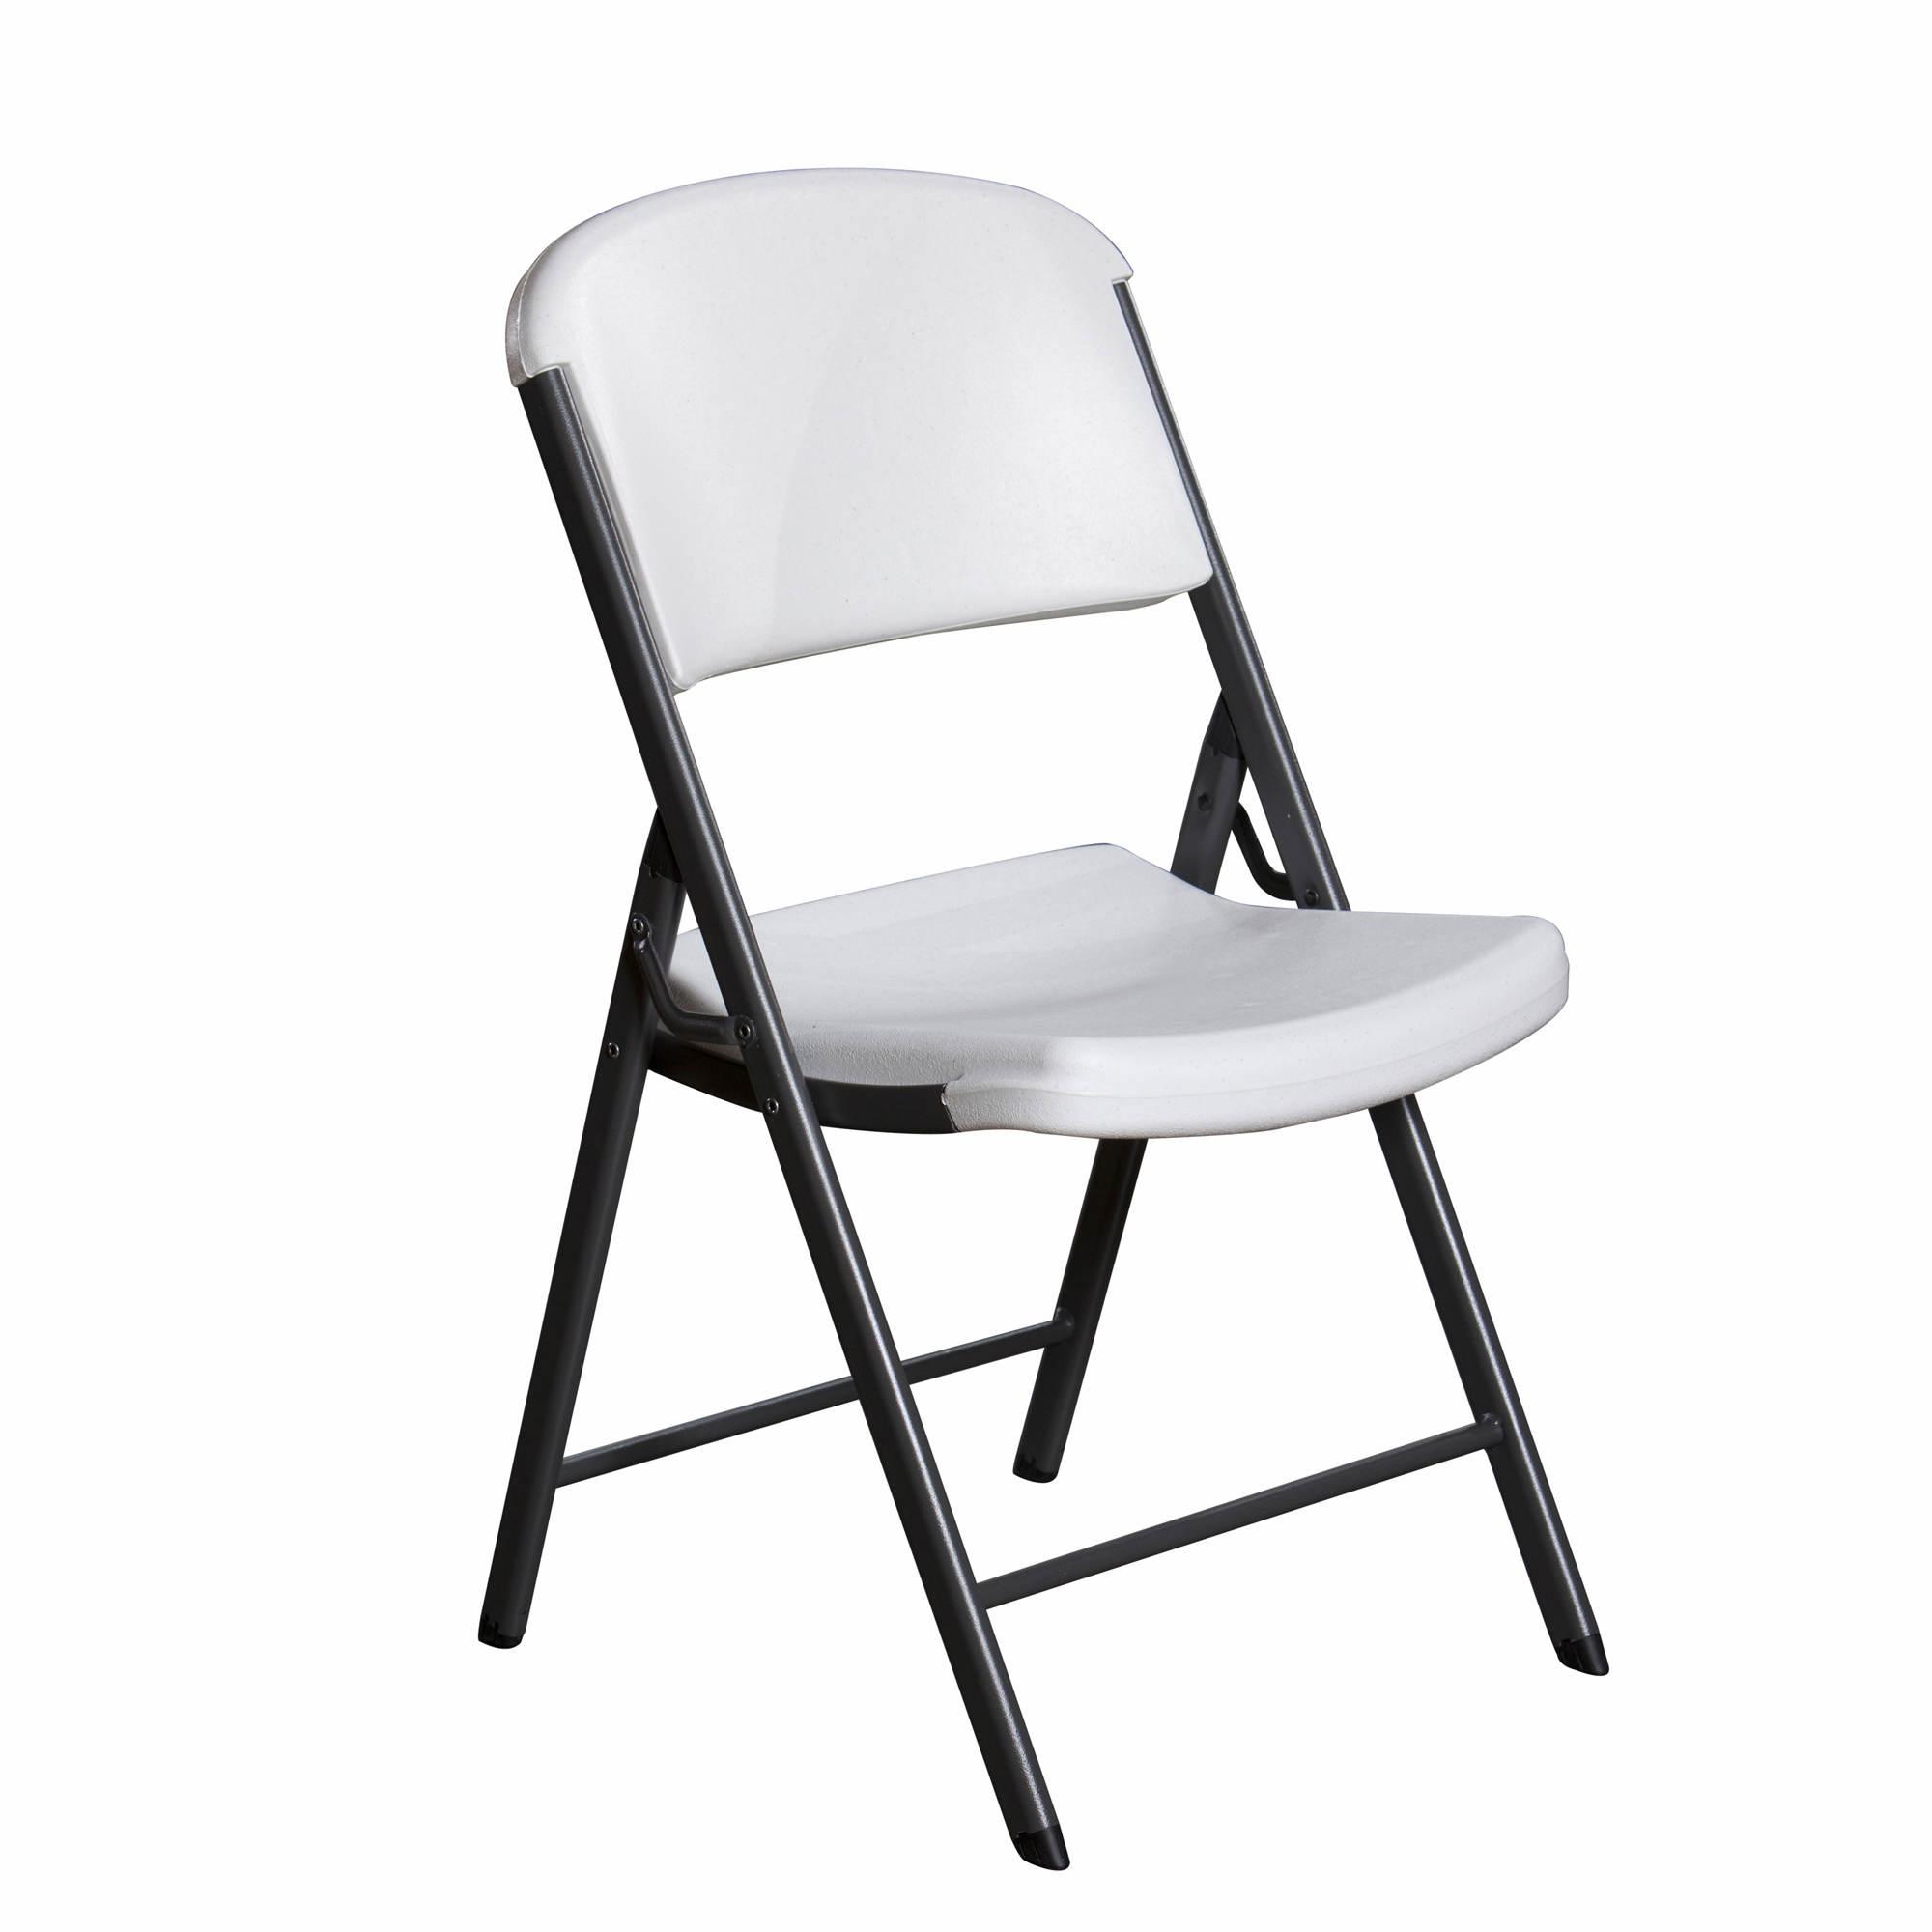 Lifetime mercial Folding Chair 32 pk White Granite BJ s Wholesal